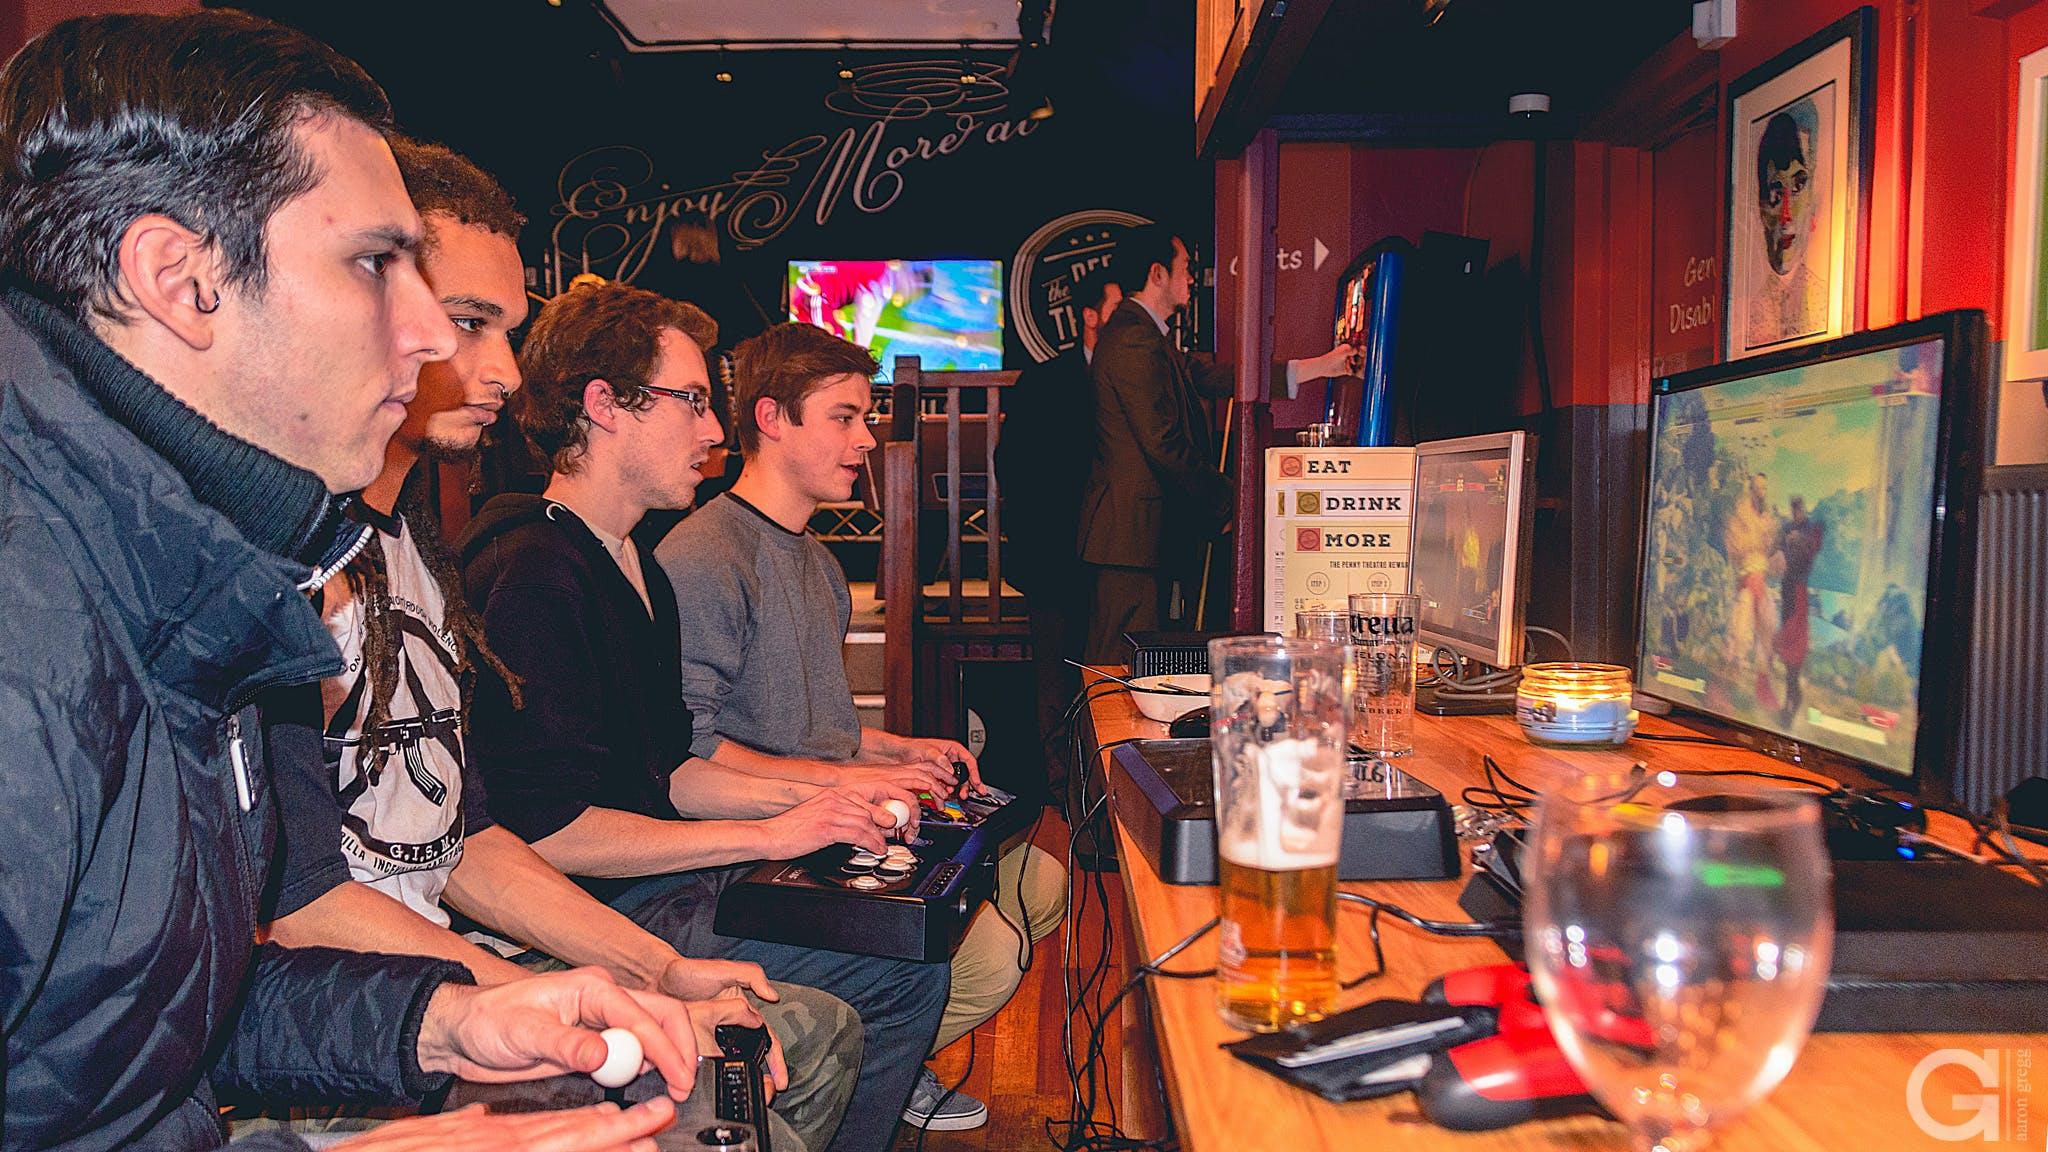 arcade, bar, beer